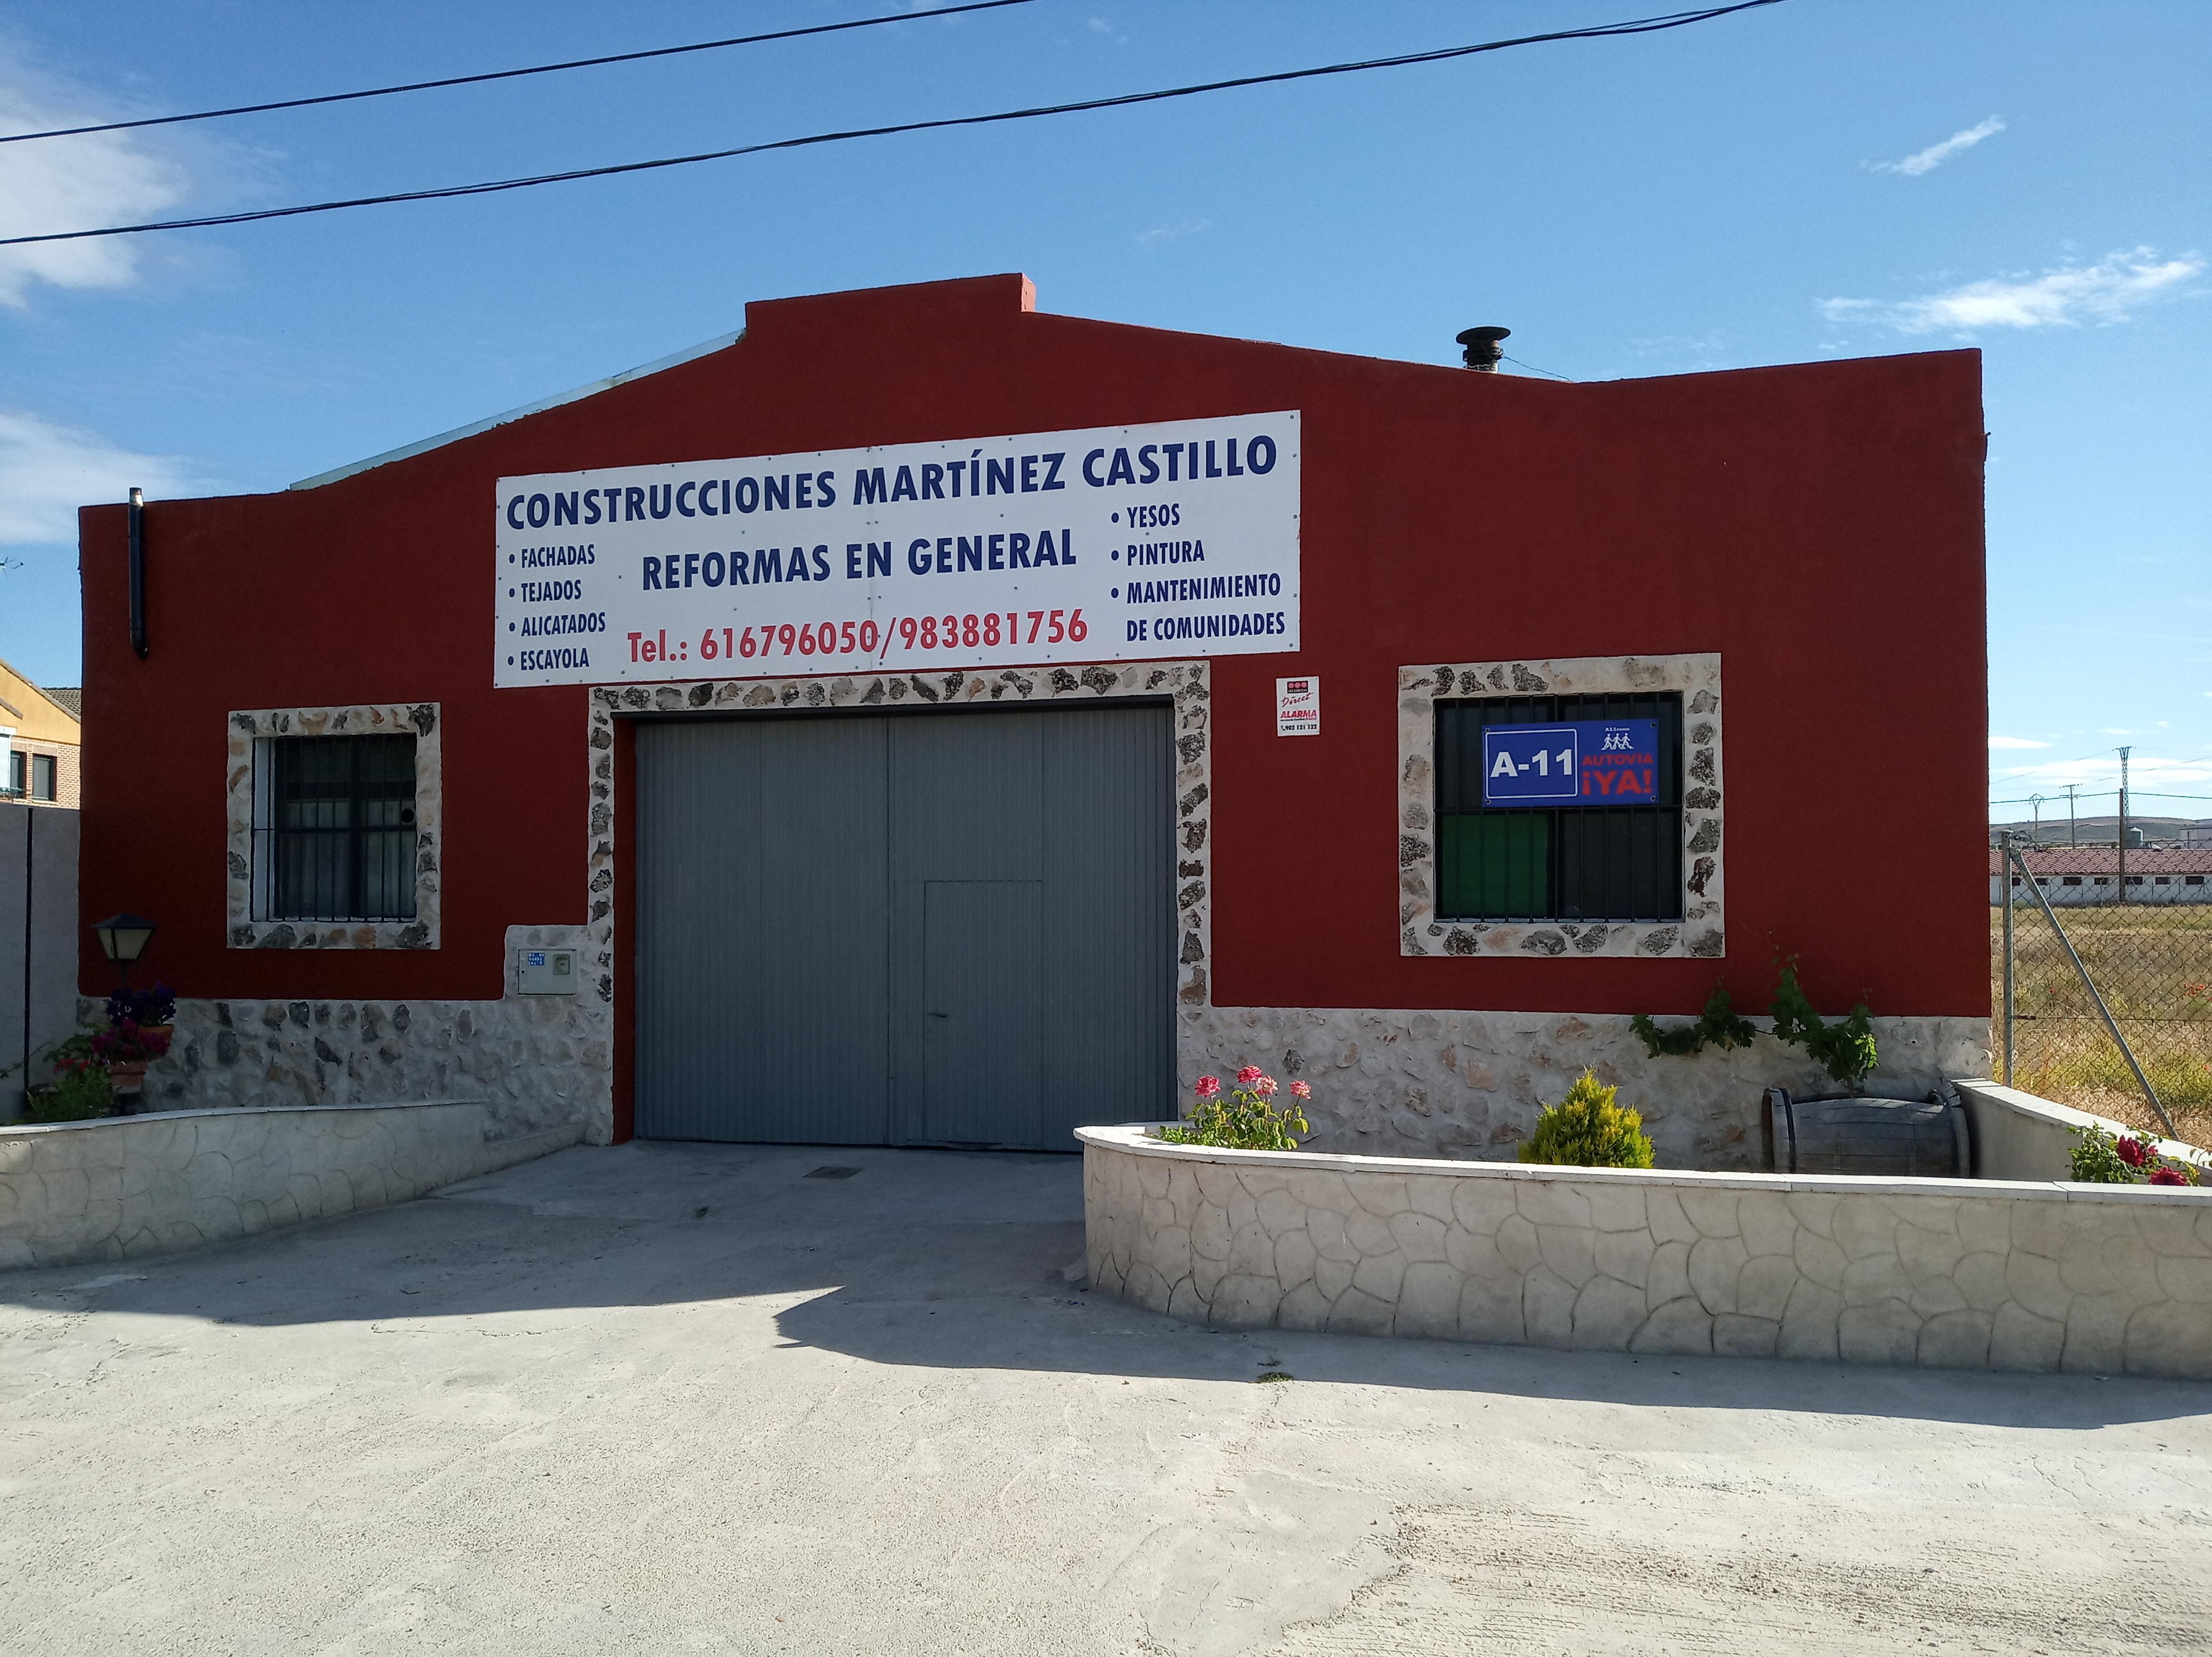 Reformas Martínez Castillo